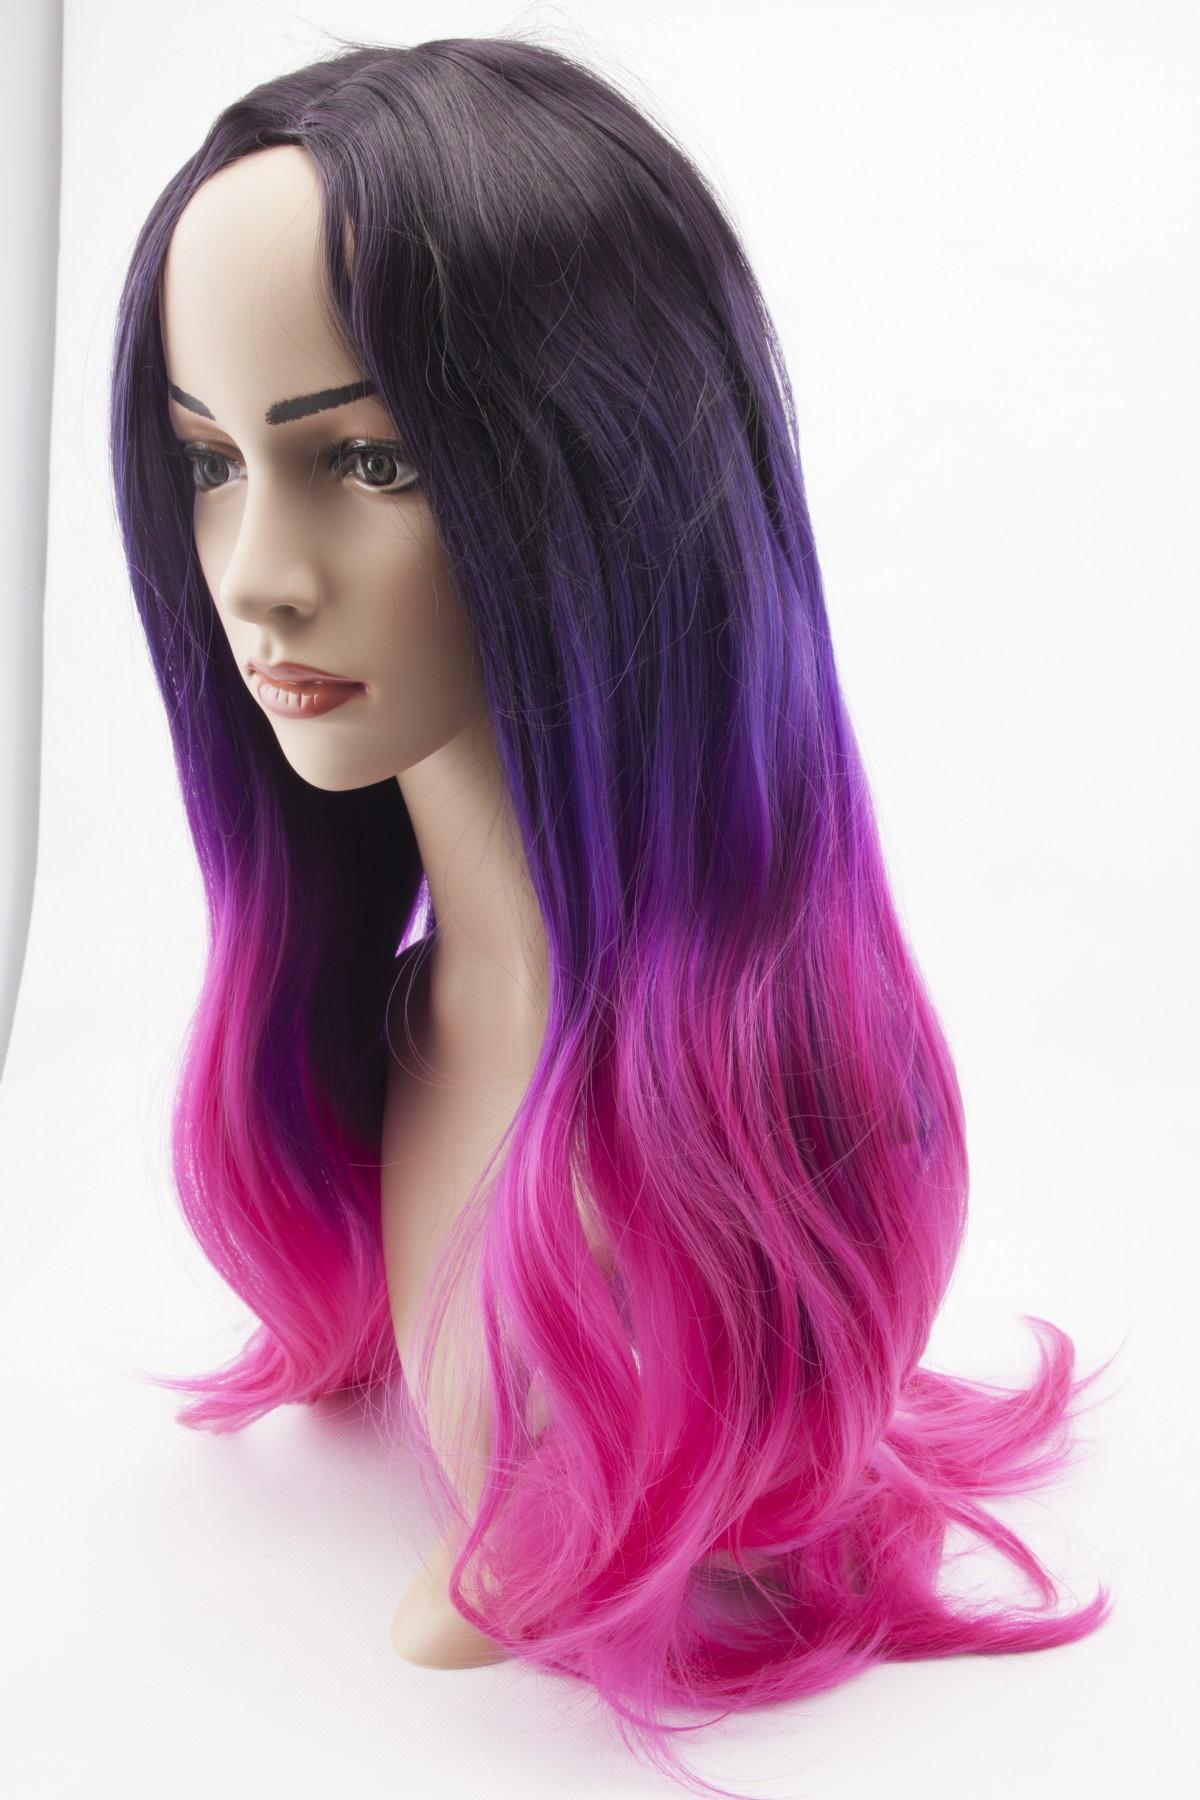 Fotos gratis : mujer, púrpura, color, ropa, juguete, peinado, pelo ...